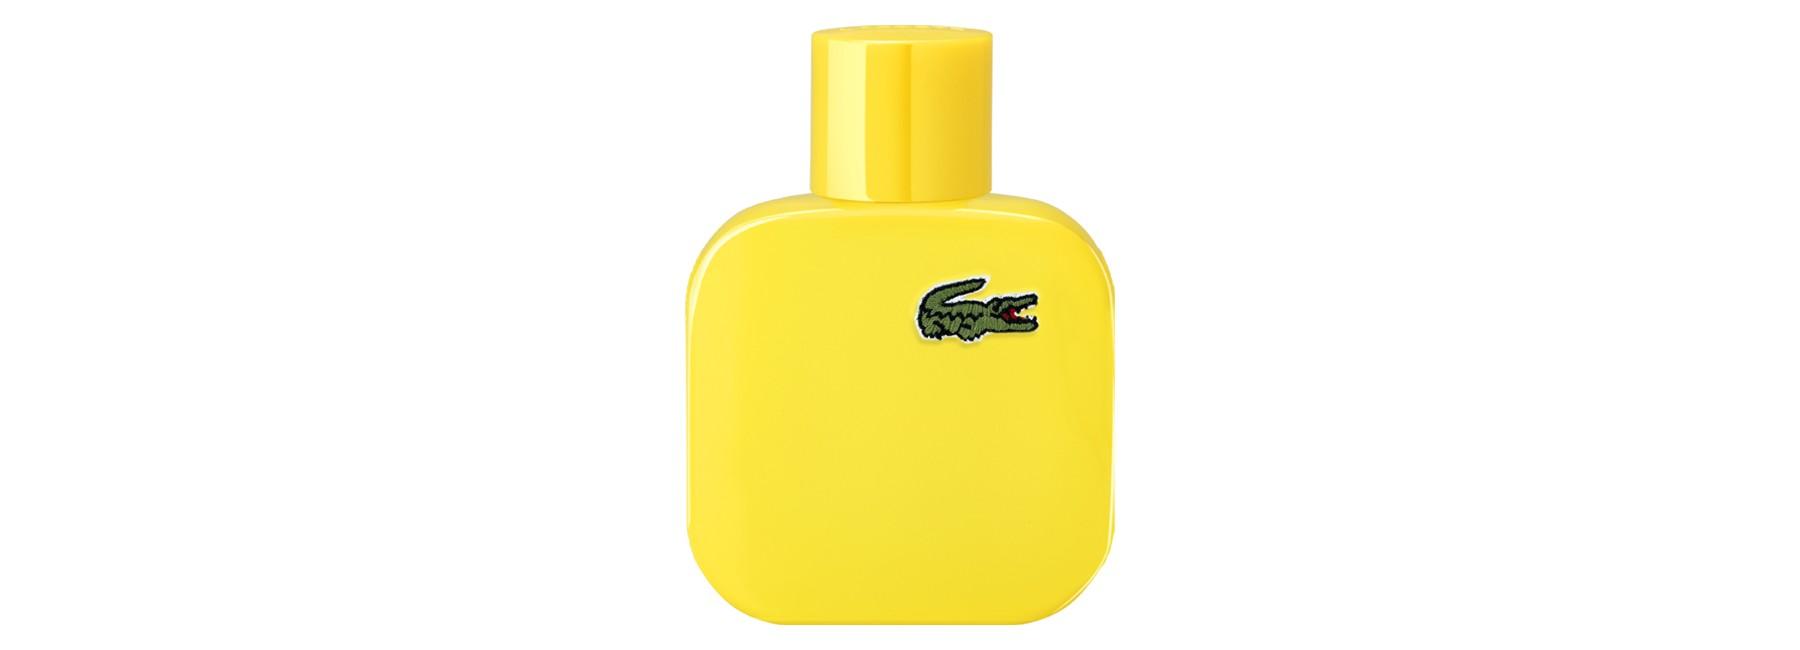 Lacoste agrandit sa collection de parfums L.12.12